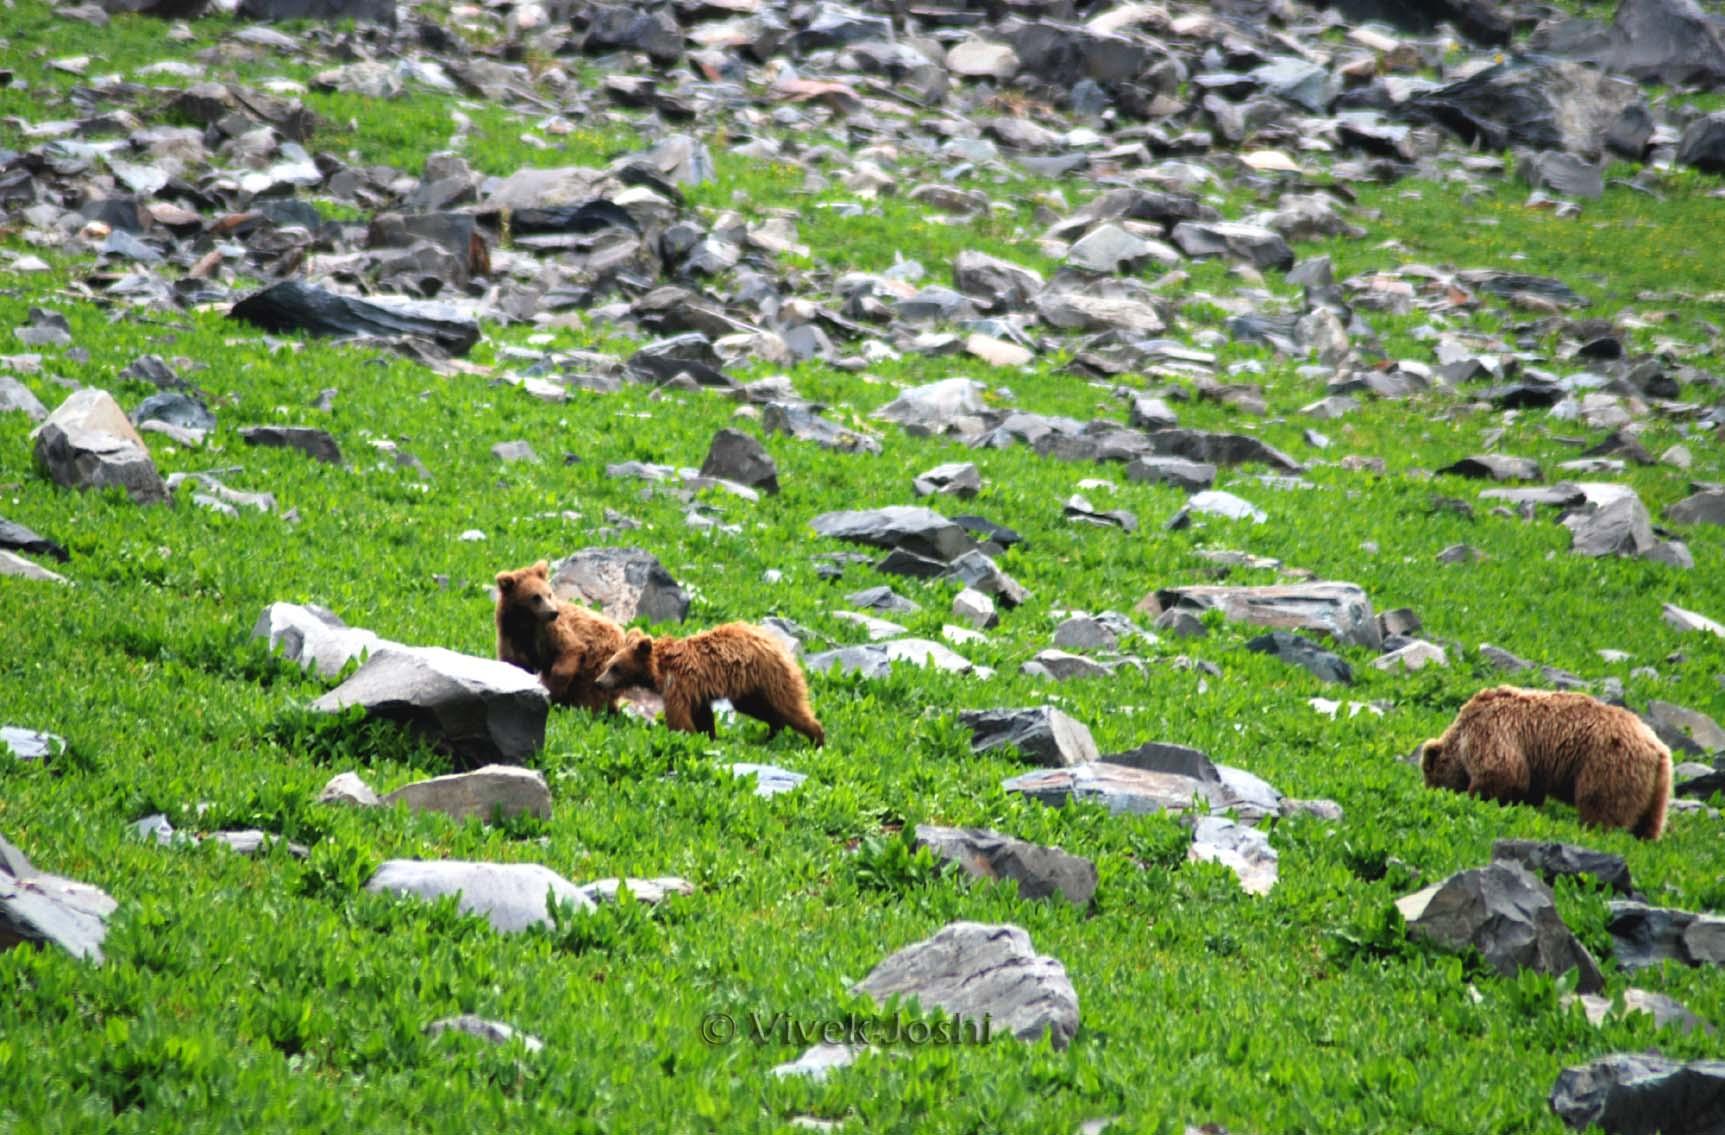 Eco Travel Dachigam National Park Jammu  Kashmir  Indias